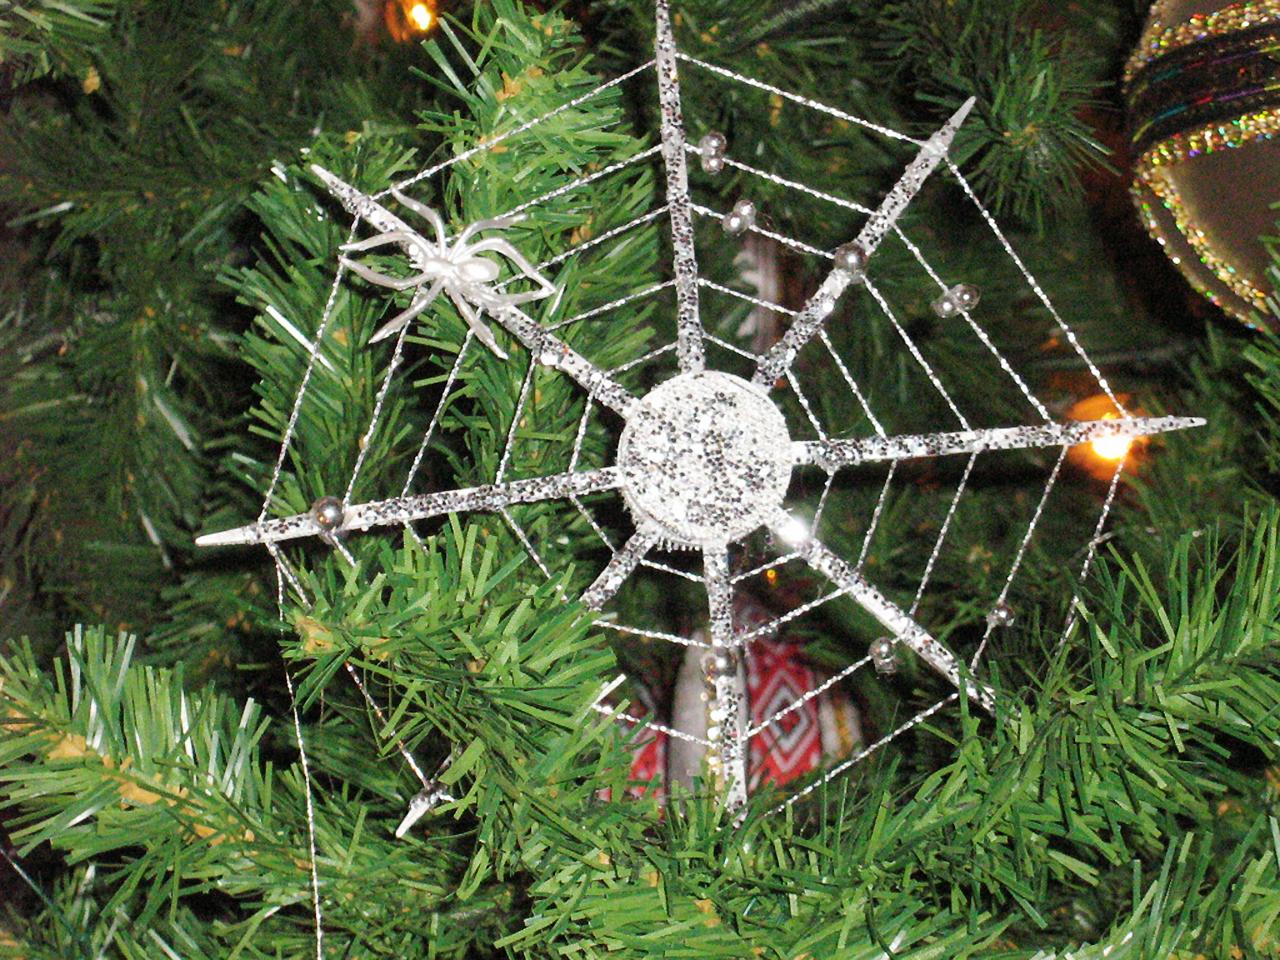 décor d'arbre de Noël en forme de toile d'araignée